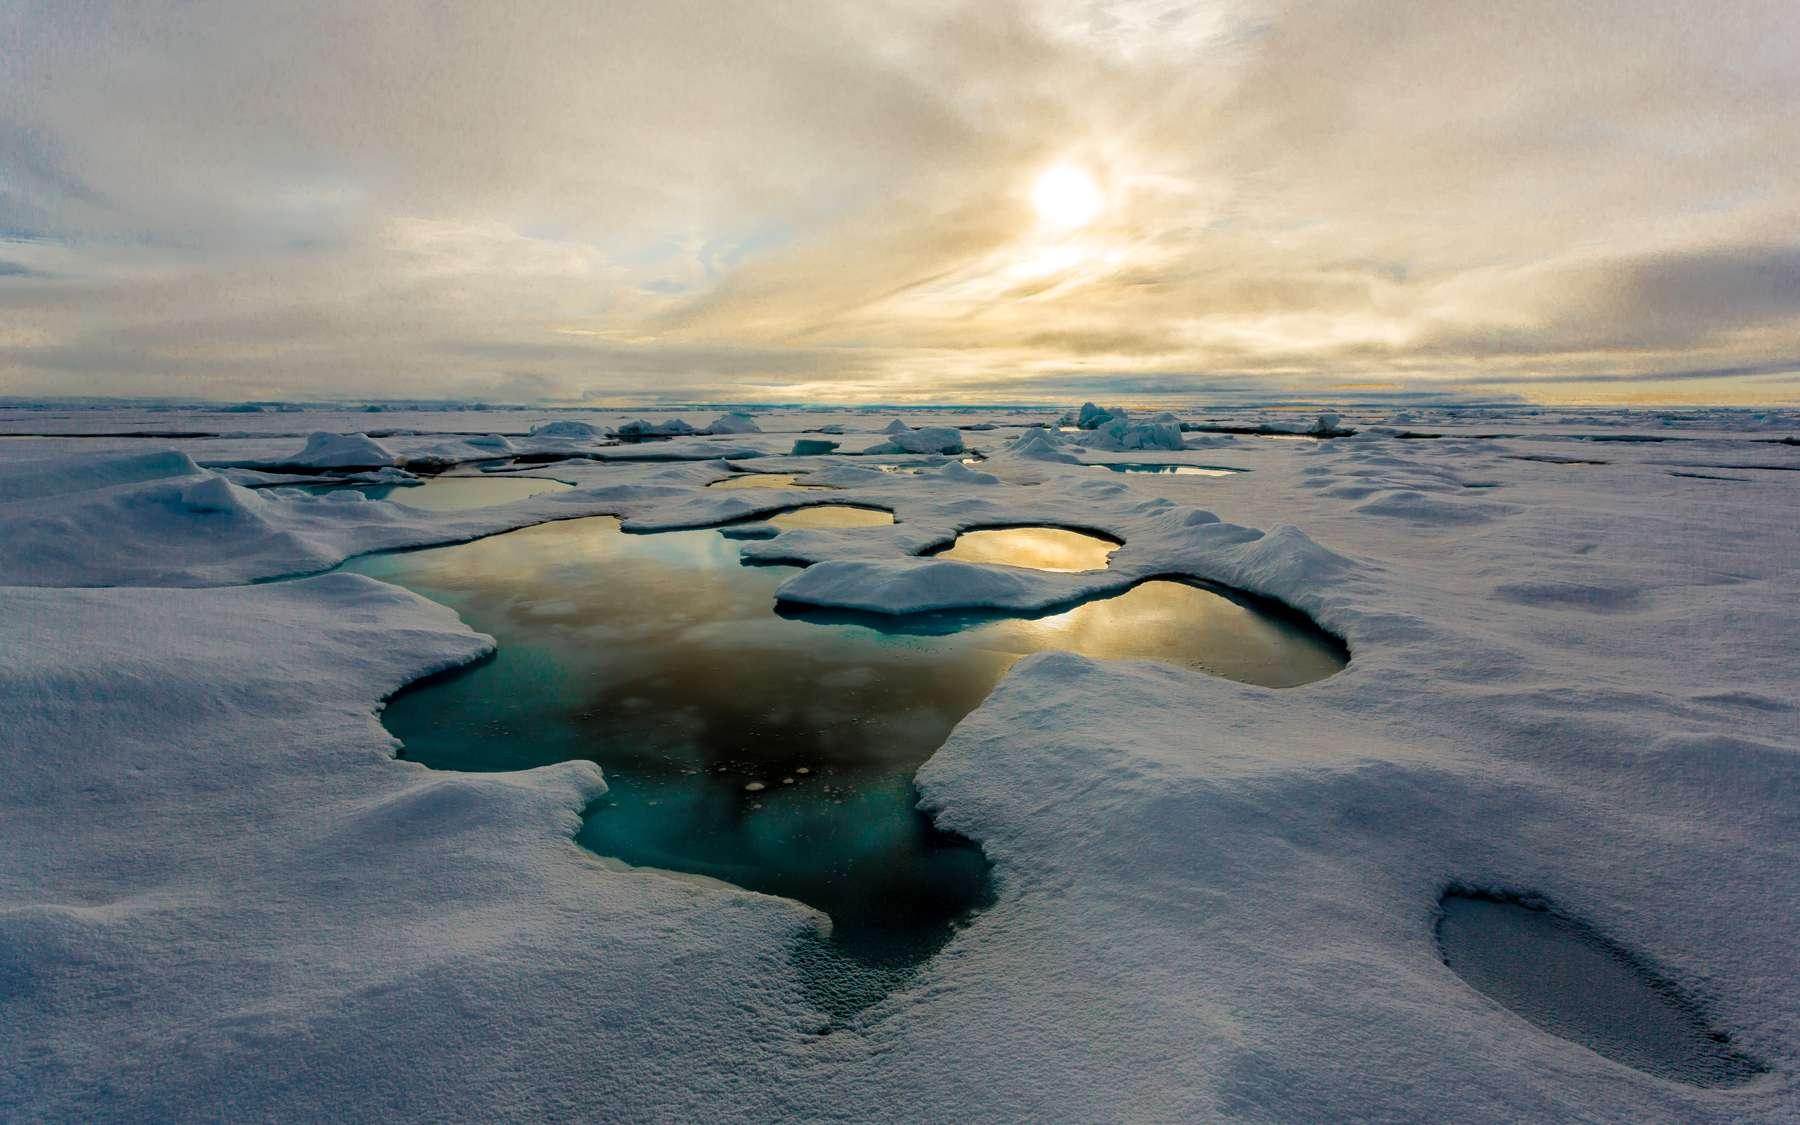 Les étendues d'eau sur la banquise, plus fine et jeune, accélèrent la fonte de la glace. L'eau fait chuter l'albédo de la banquise et transmet plus de 11 % du rayonnement incident à l'océan. © Stefan Hendricks, Alfred Wegener Institute